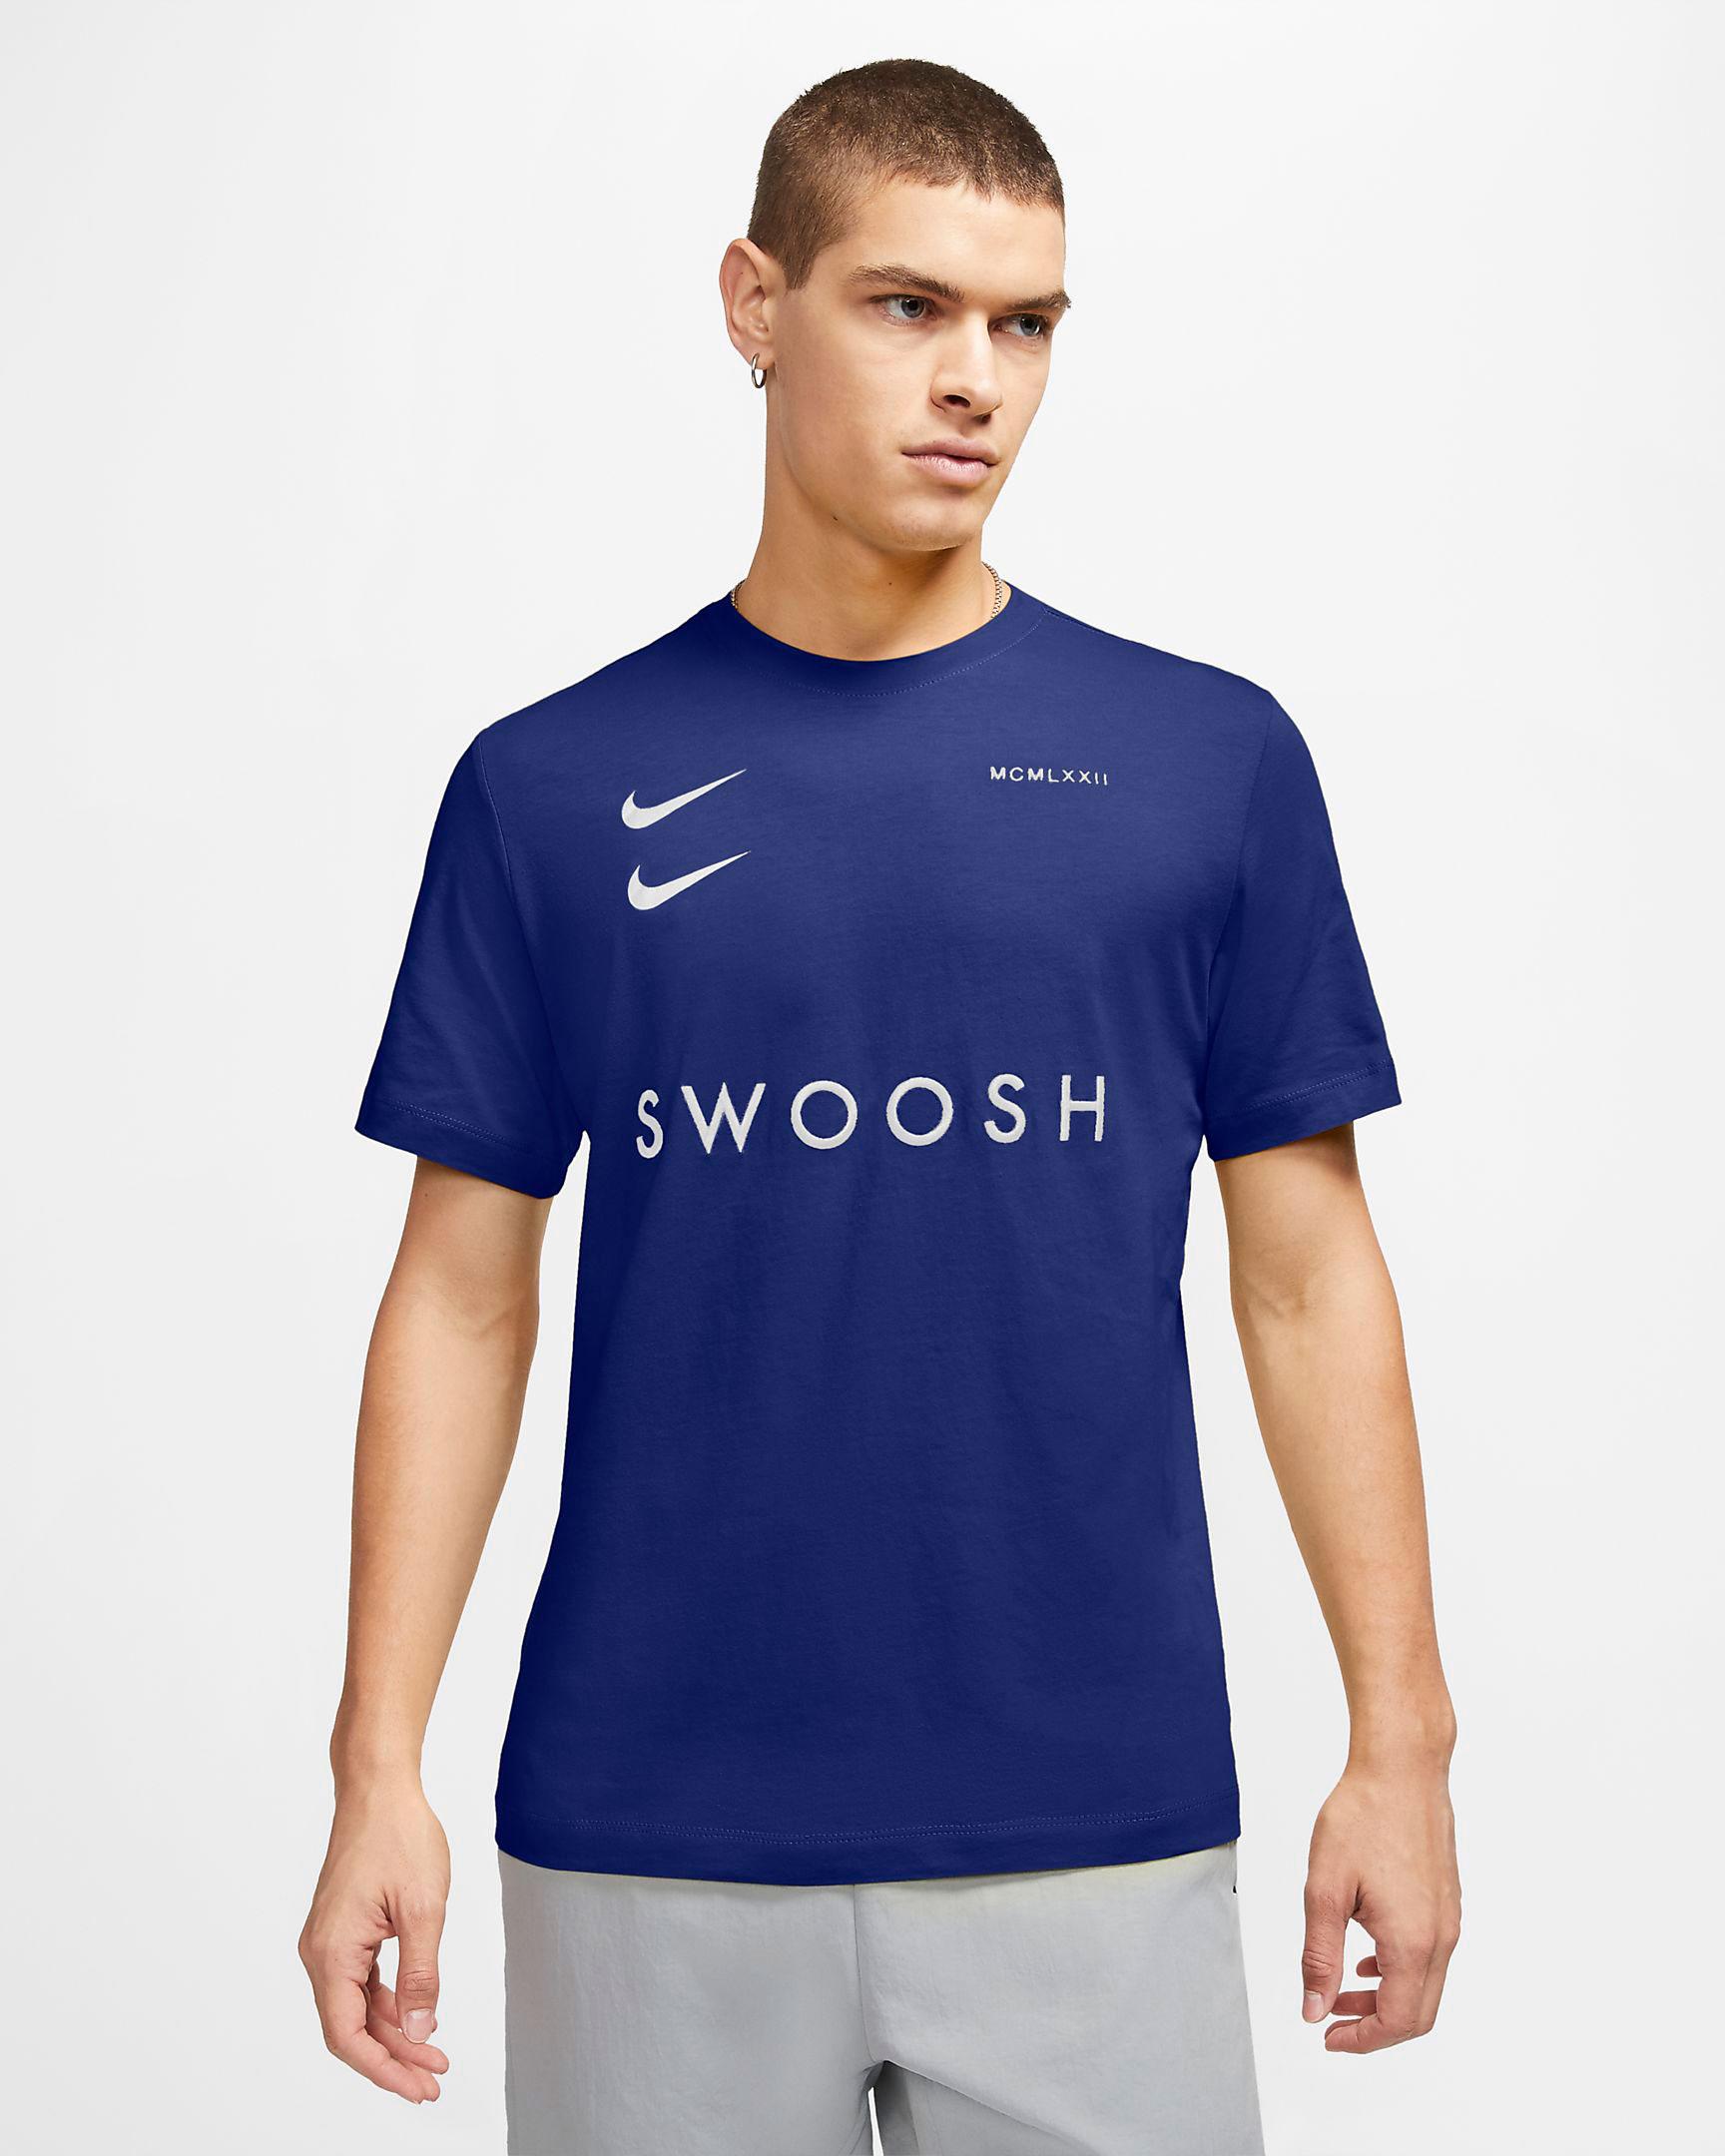 jordan-13-flint-navy-nike-shirt-match-1